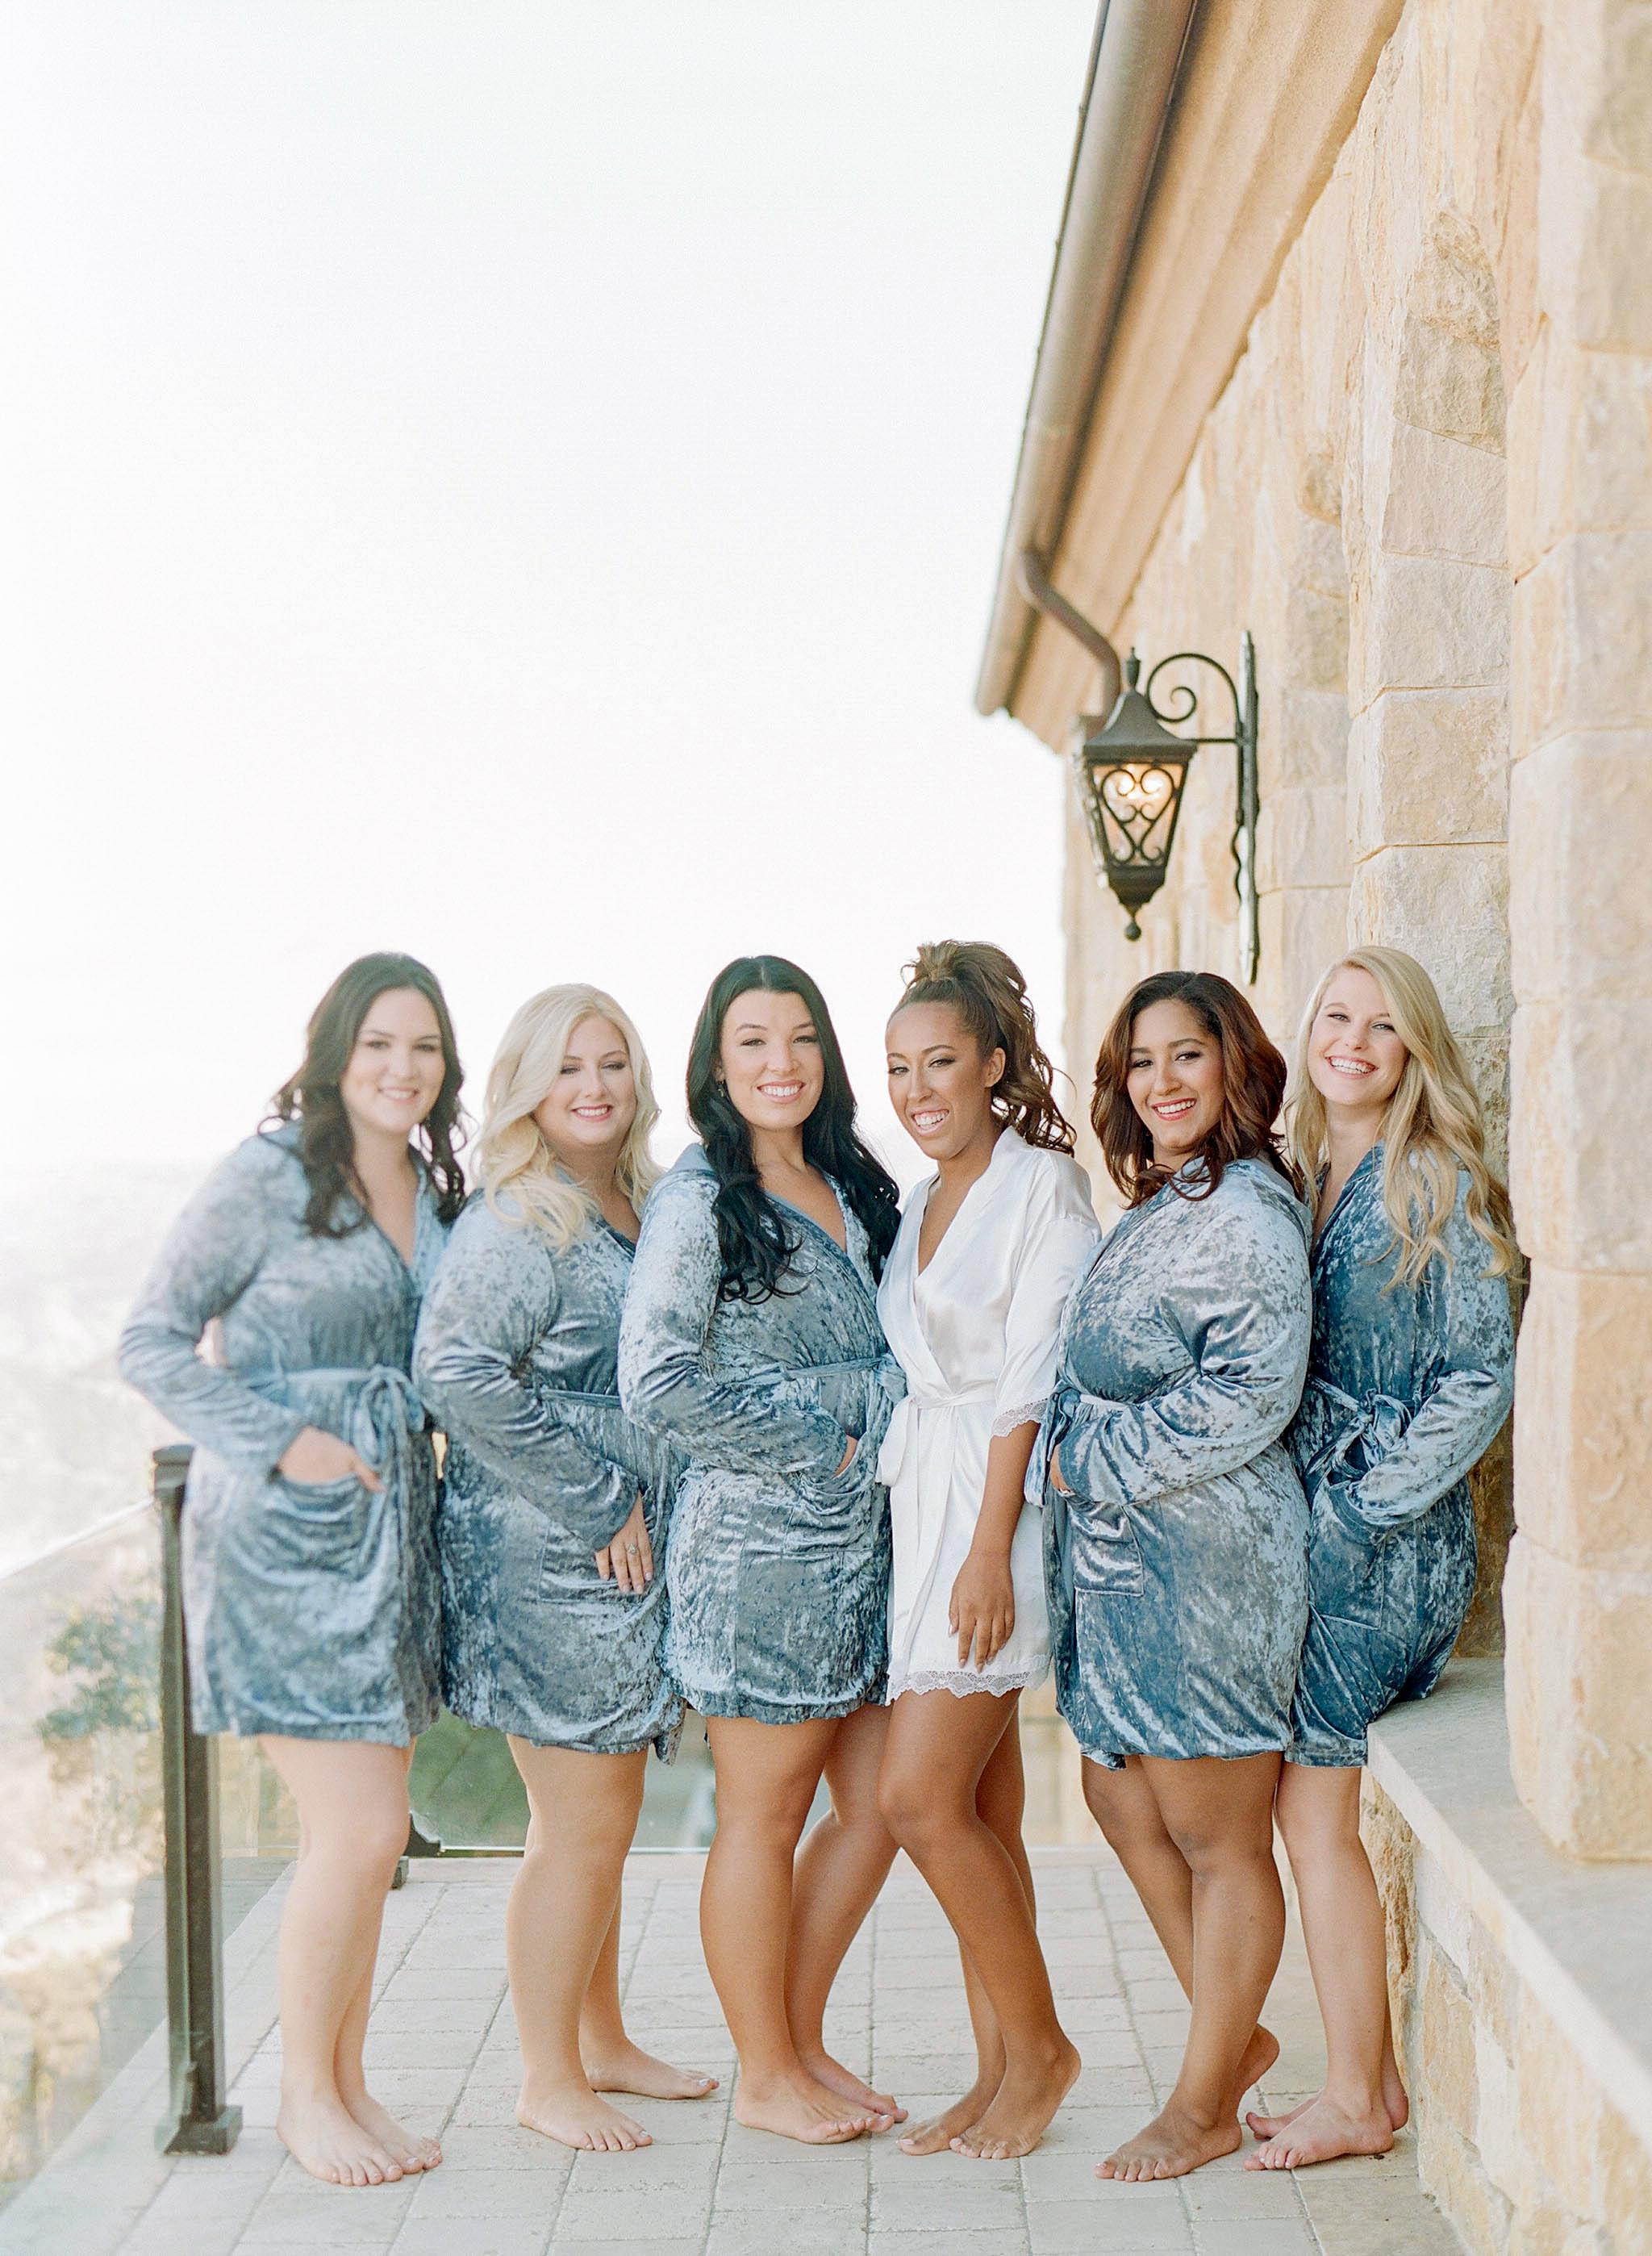 tillie dalton wedding bridesmaids robes